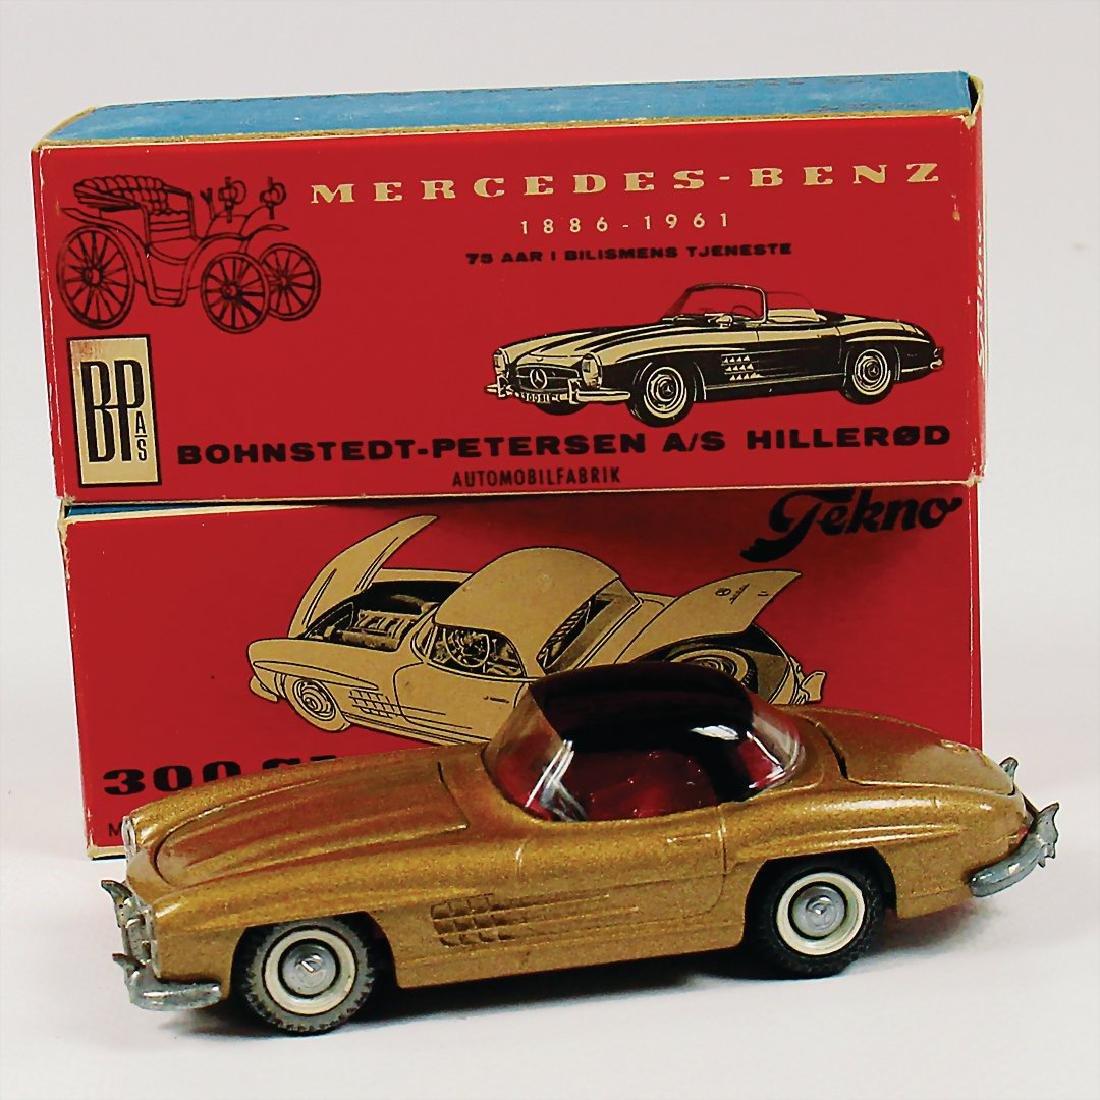 TEKNO mixed lot of 2 model cars, Mercedes-Benz 300 SL,